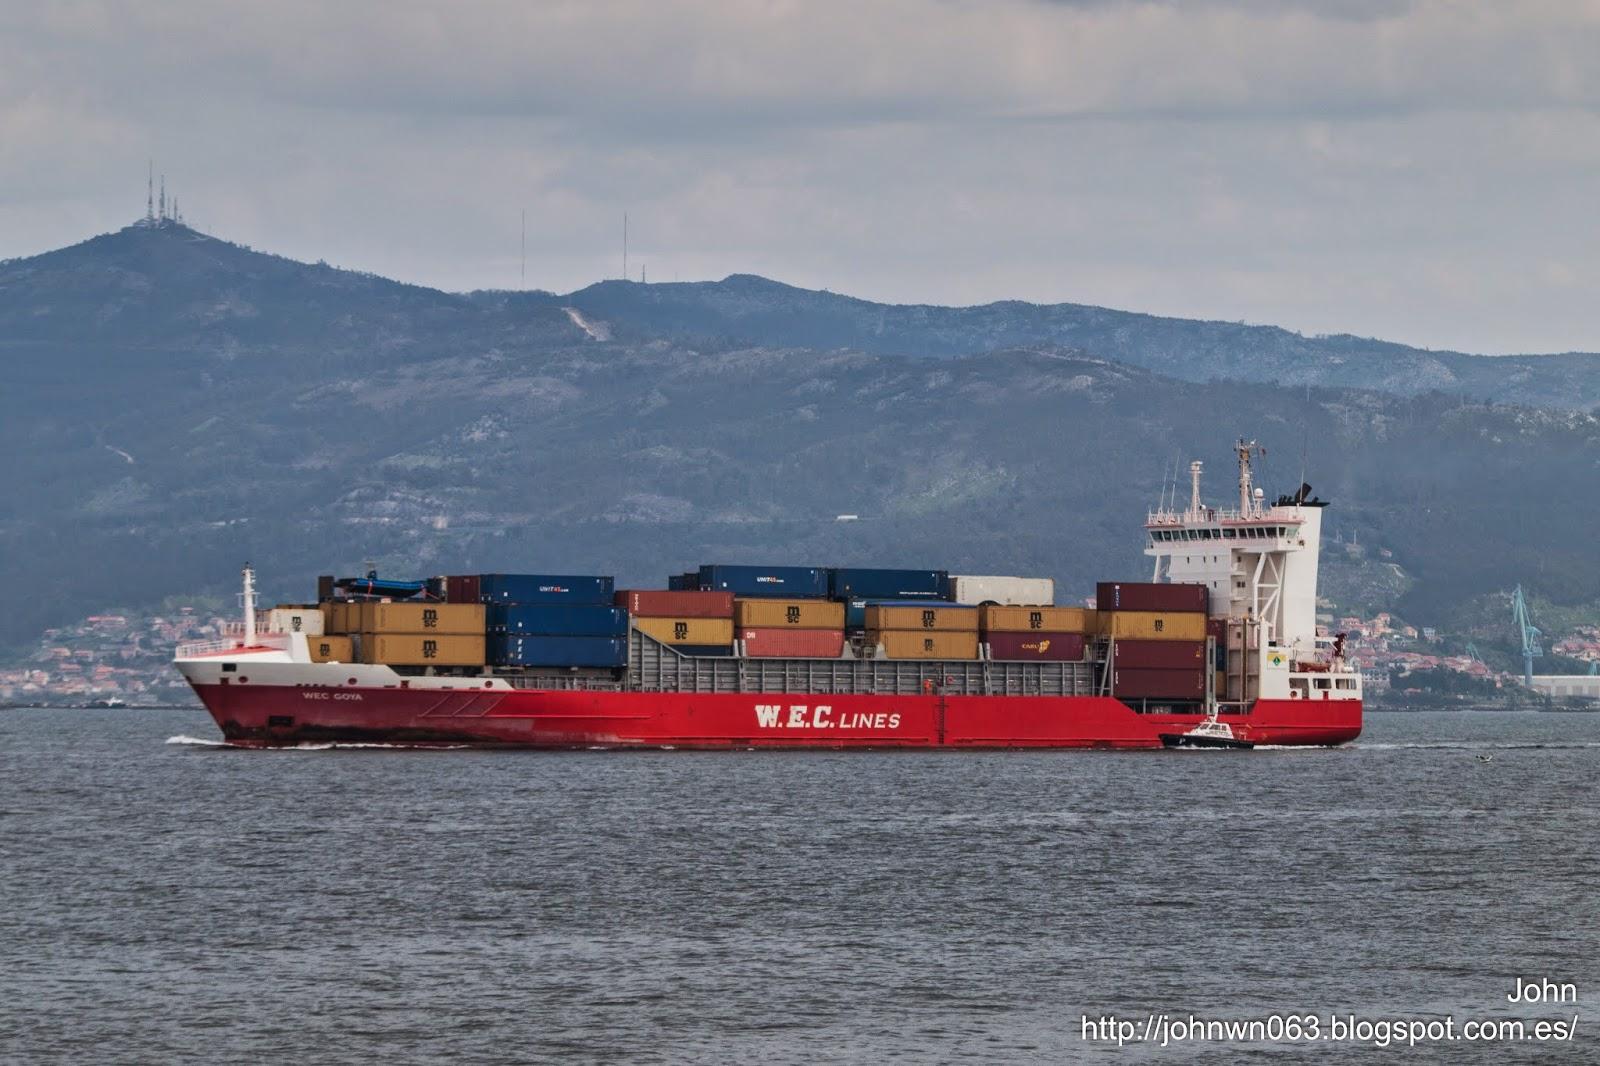 wec goya, puerto de vigo, fotos de barcos, imágenes de barcos, contenedores, tecnología